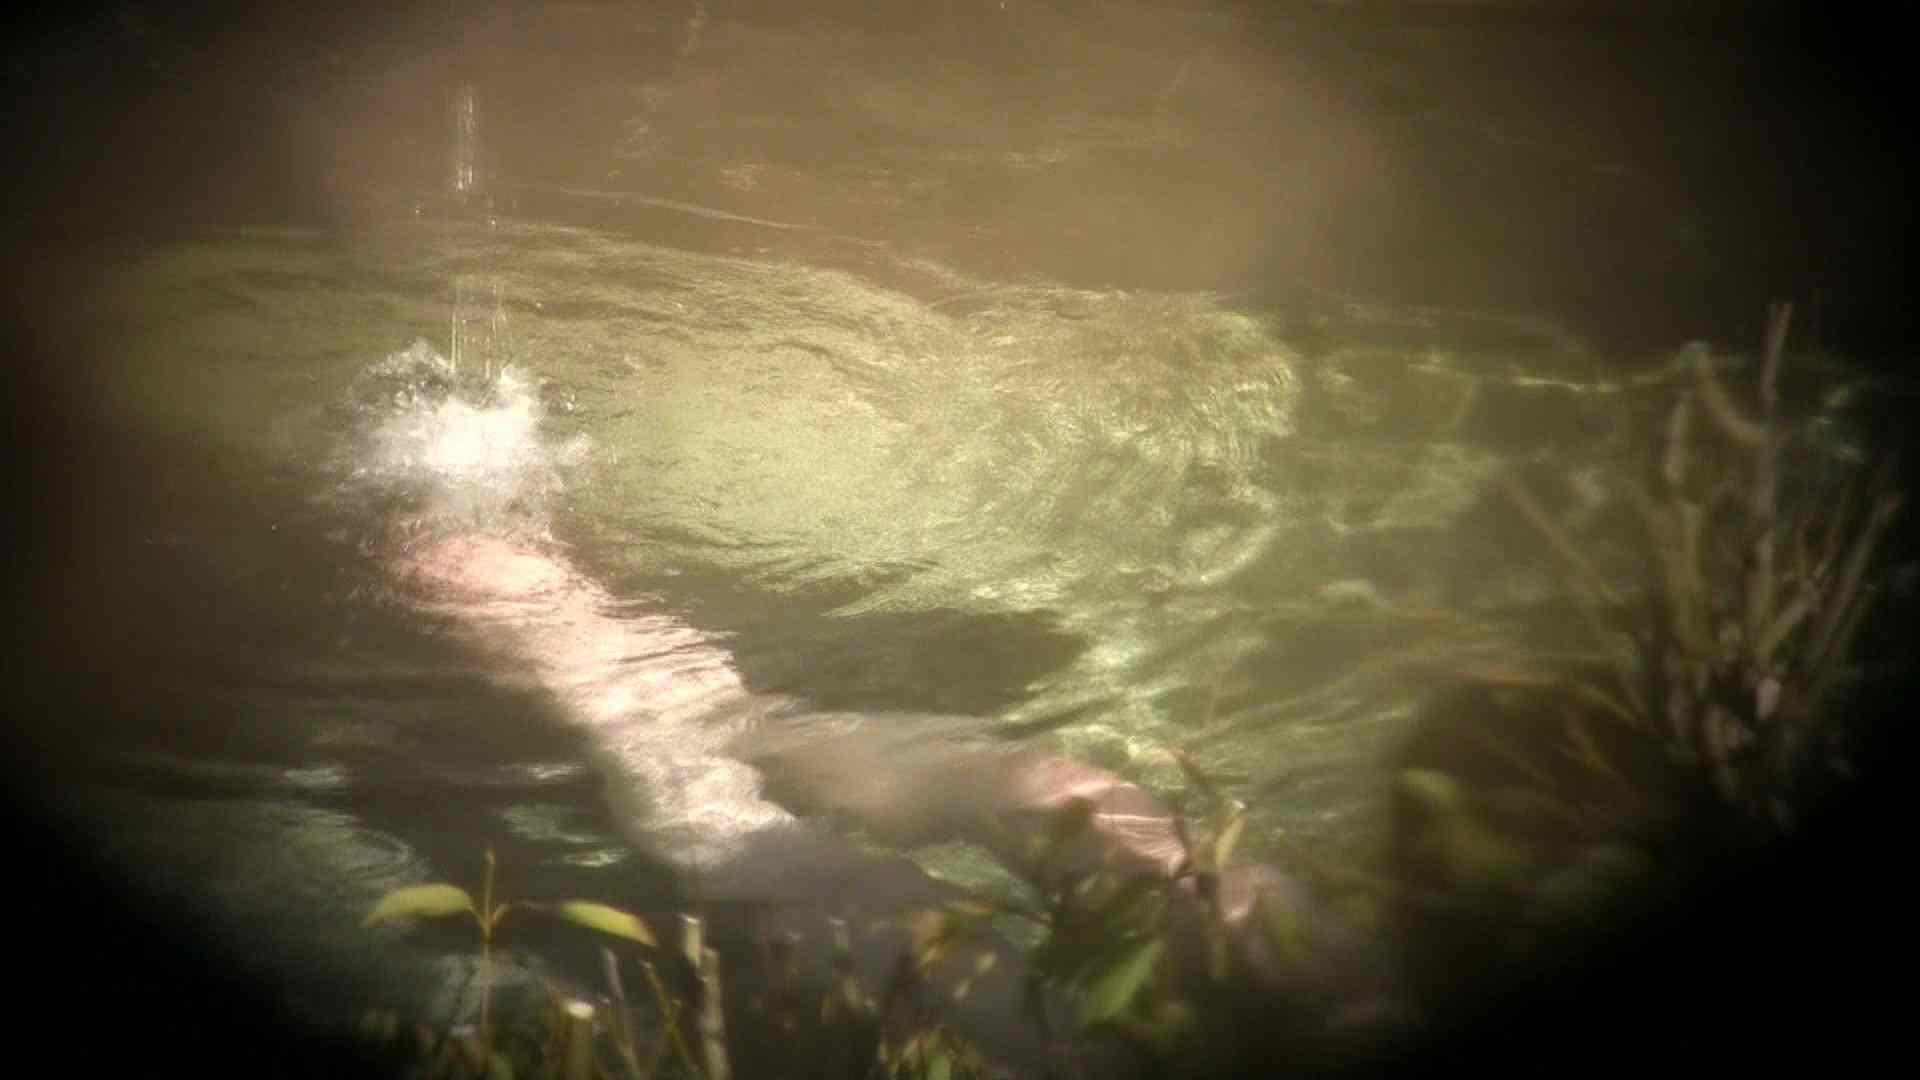 Aquaな露天風呂Vol.698 盗撮 | 綺麗なOLたち  70枚 52